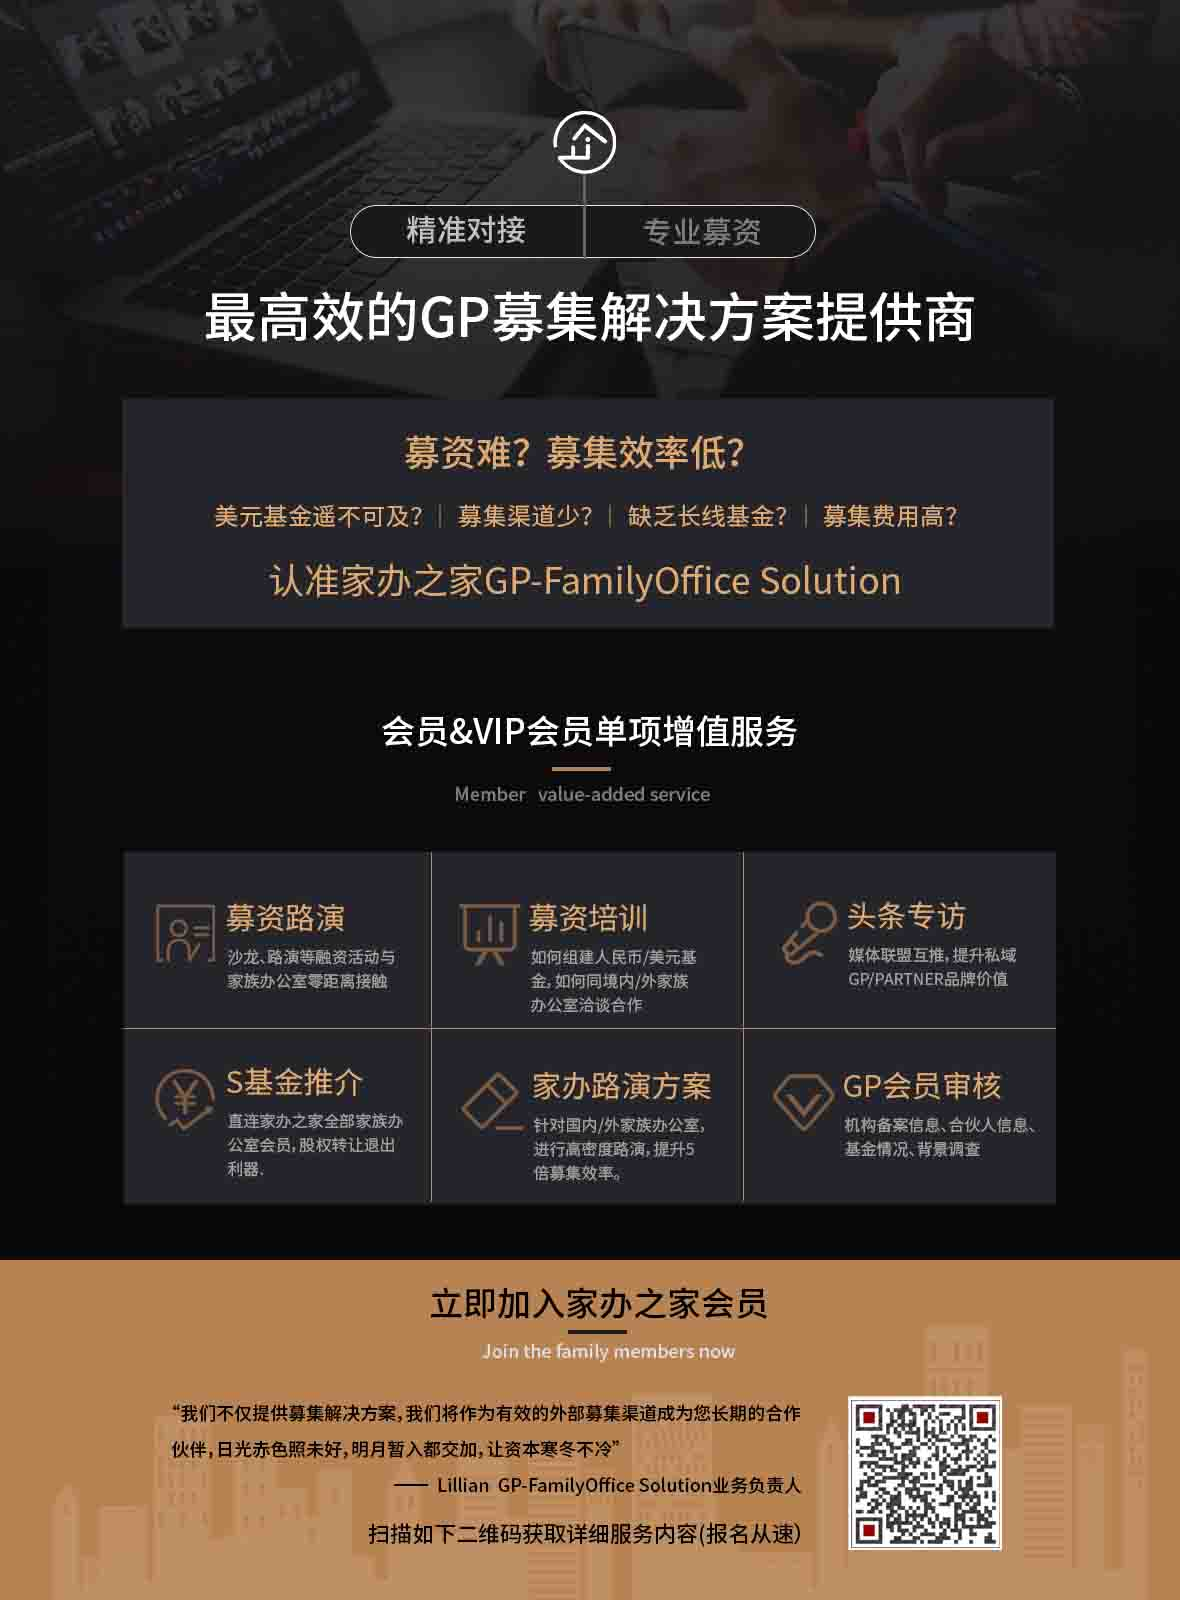 募集请认准家办之家GP-FamilyOffice Solution